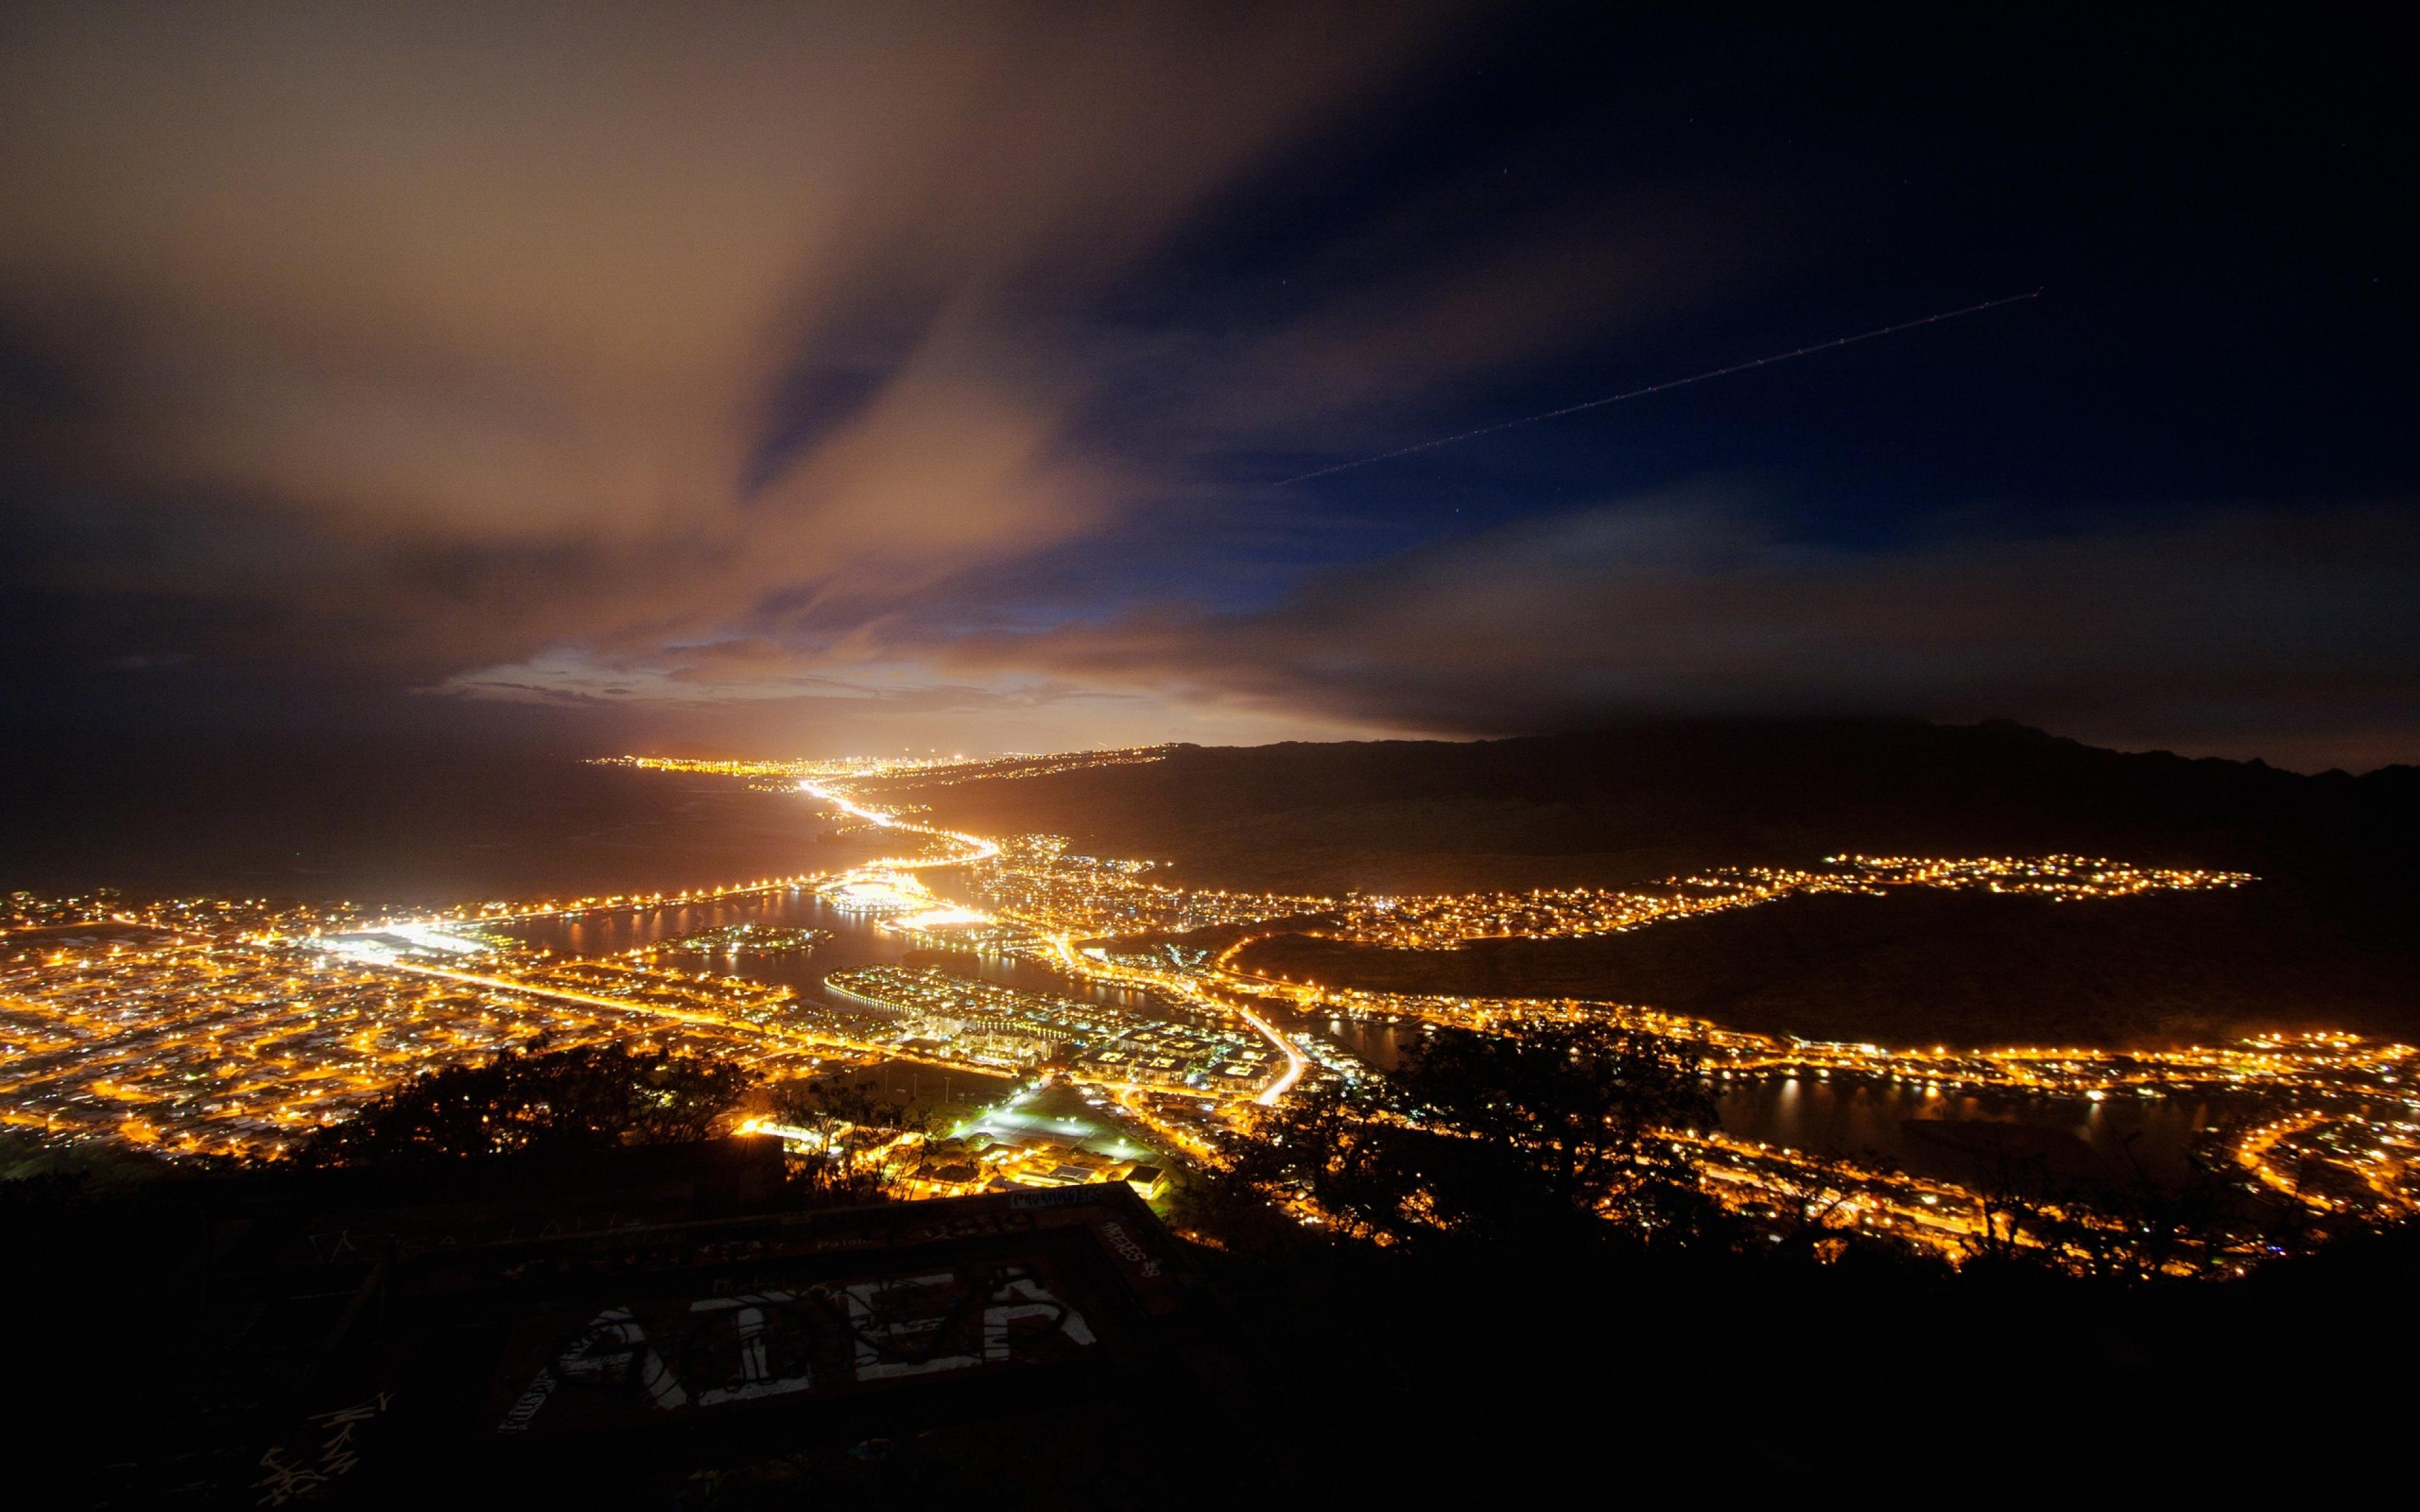 4k night sky wallpaper wallpapersafari - Night light hd wallpaper ...